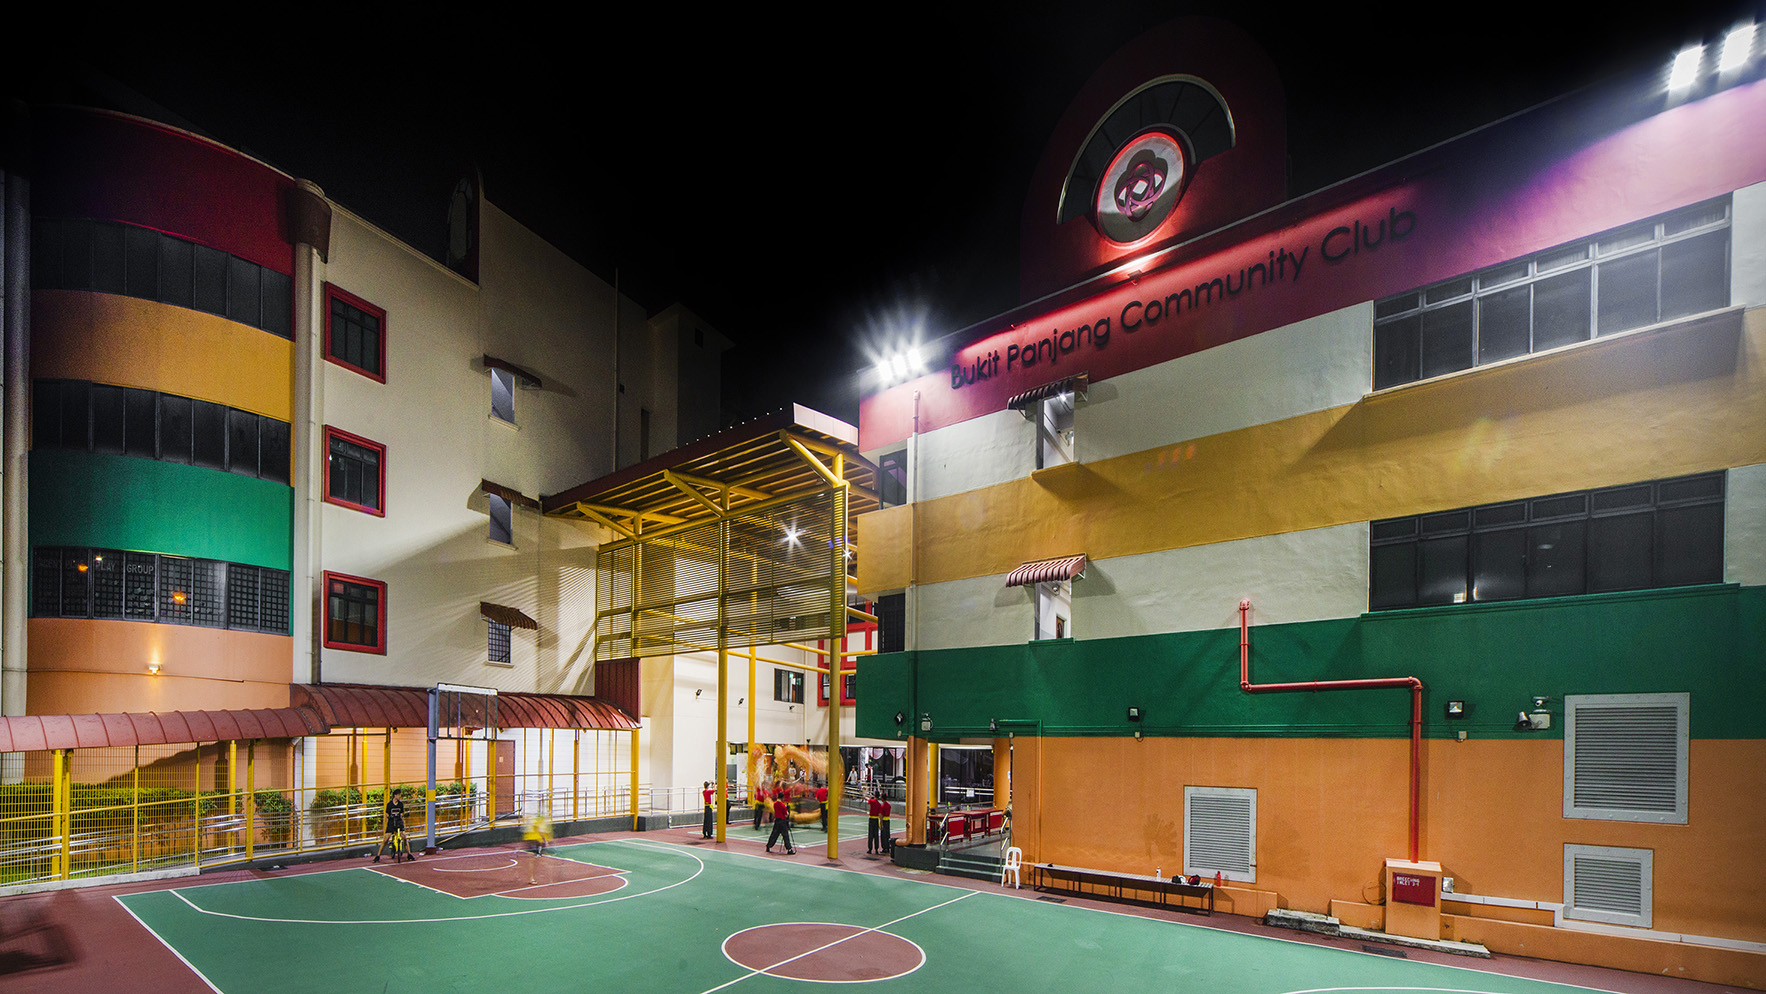 Bukit Panjang Community Club